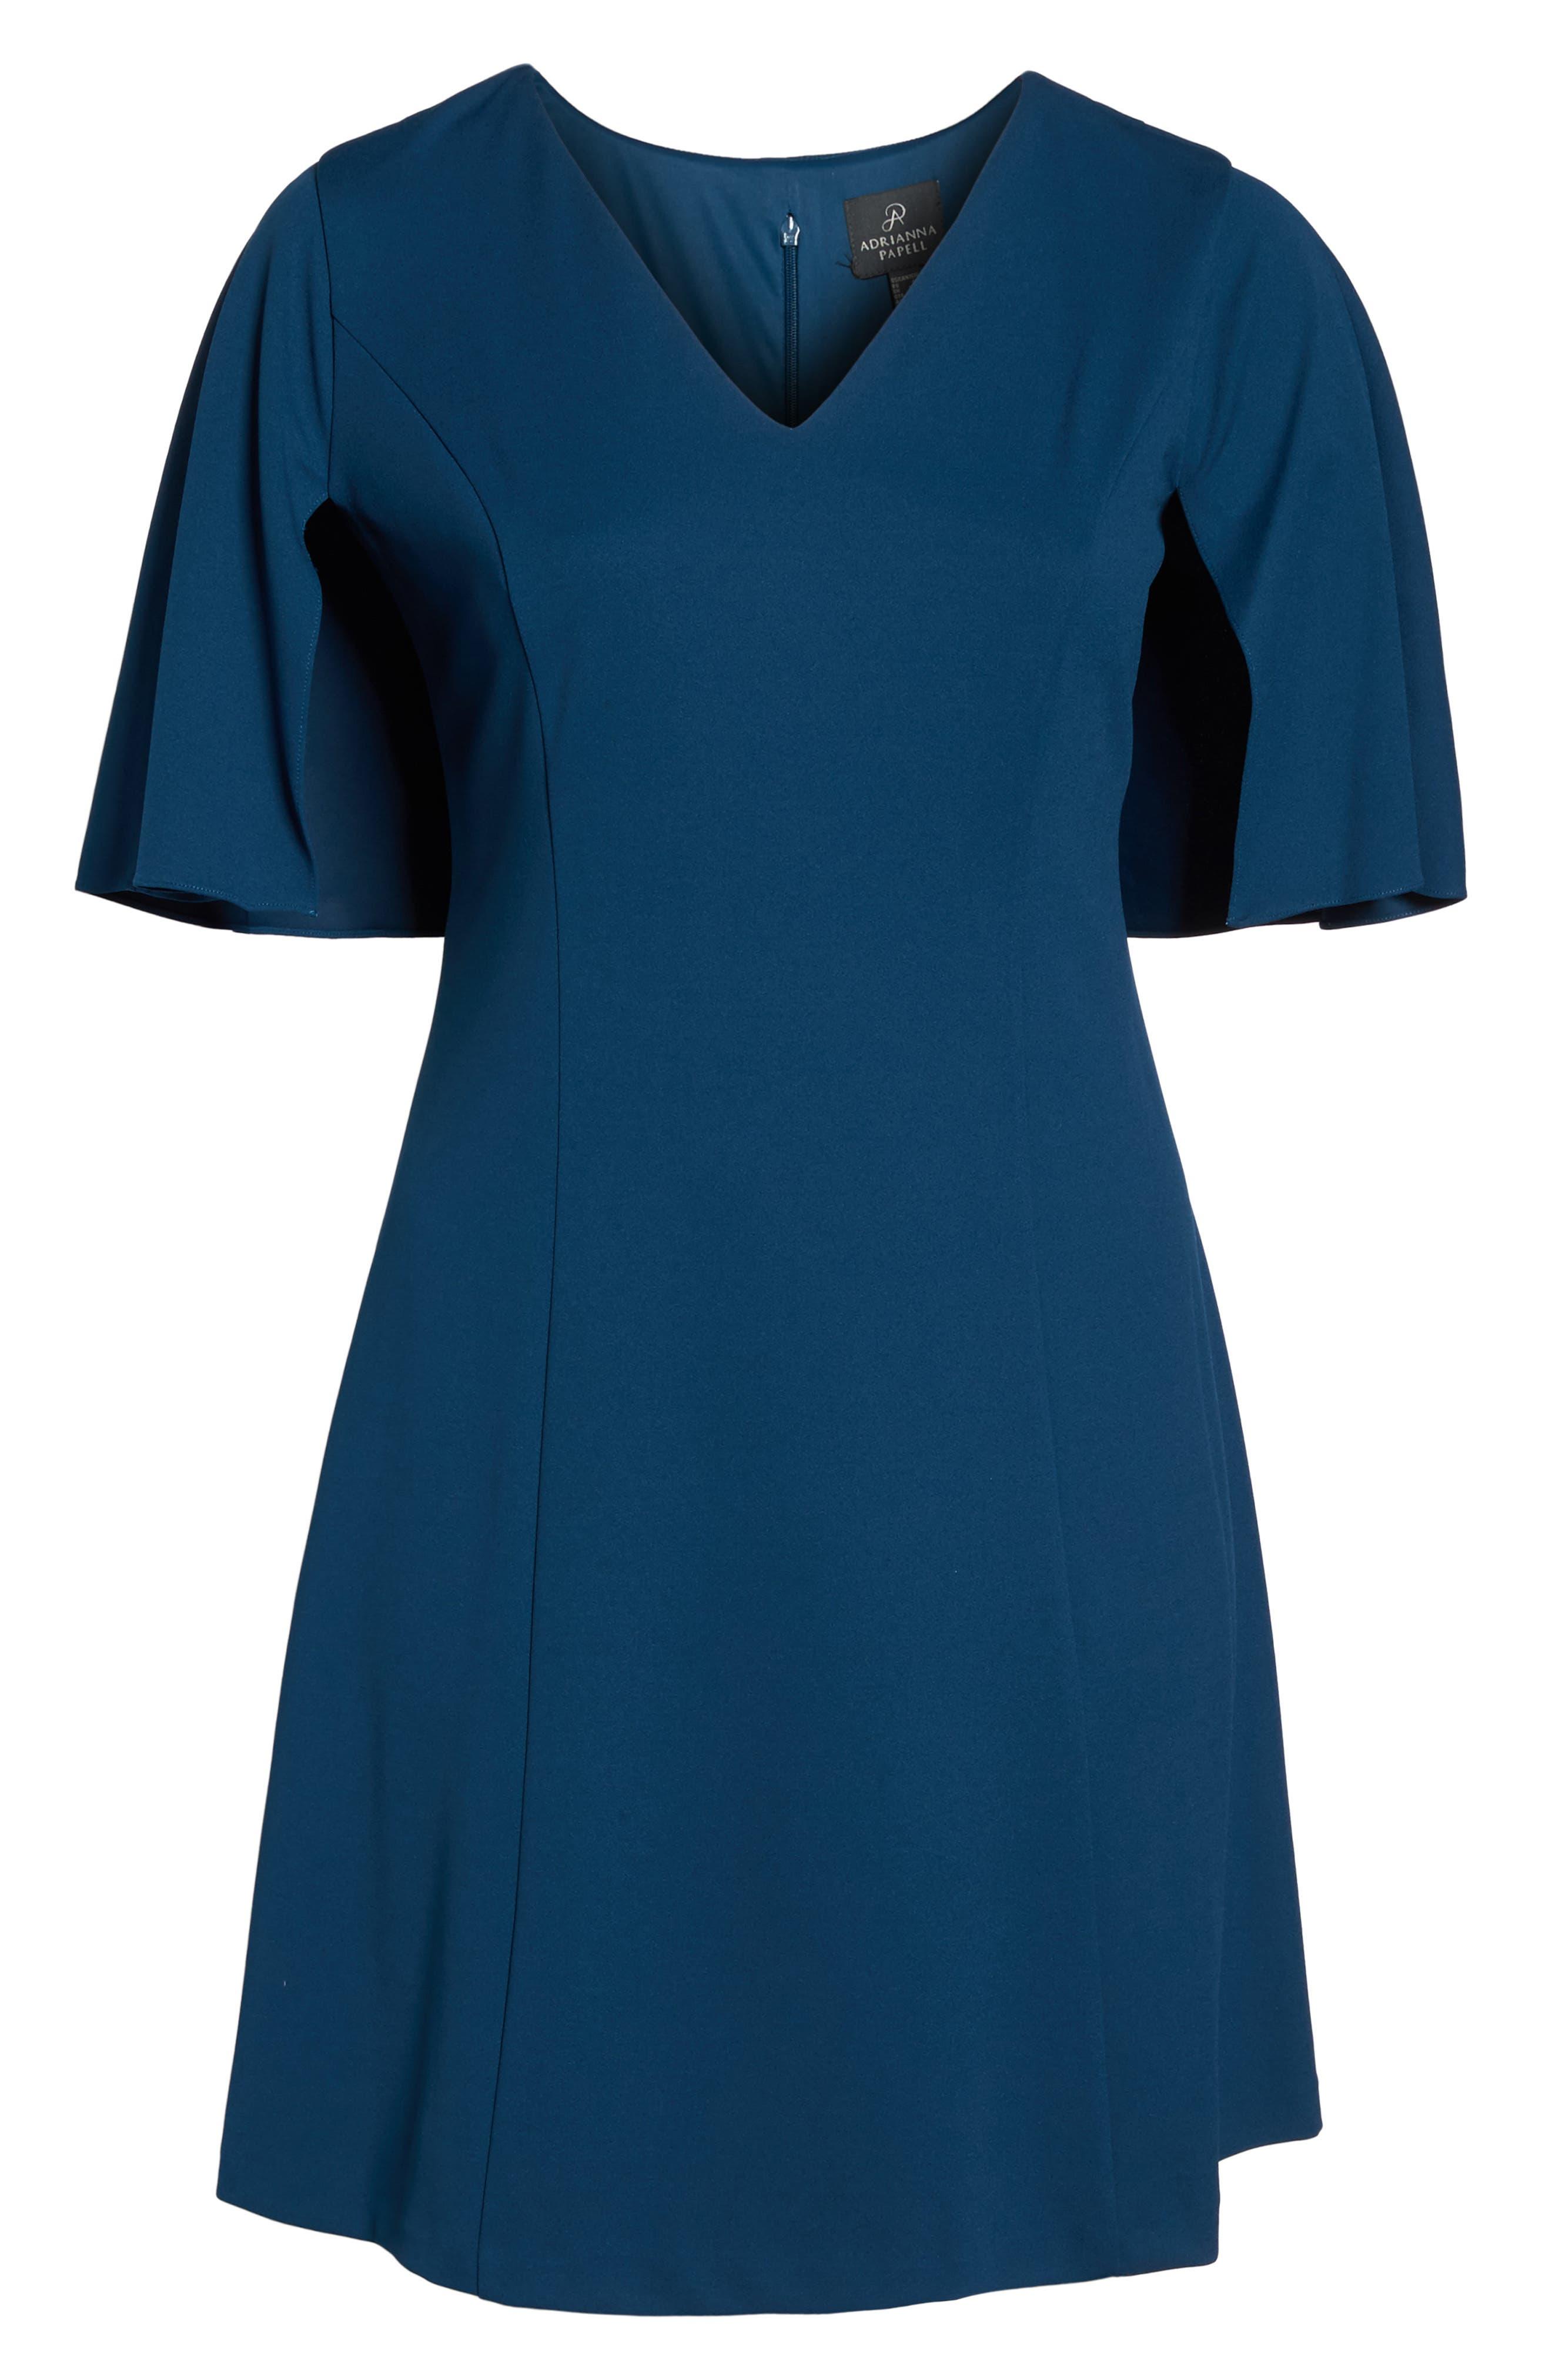 Capelet A-Line Dress,                             Alternate thumbnail 6, color,                             471